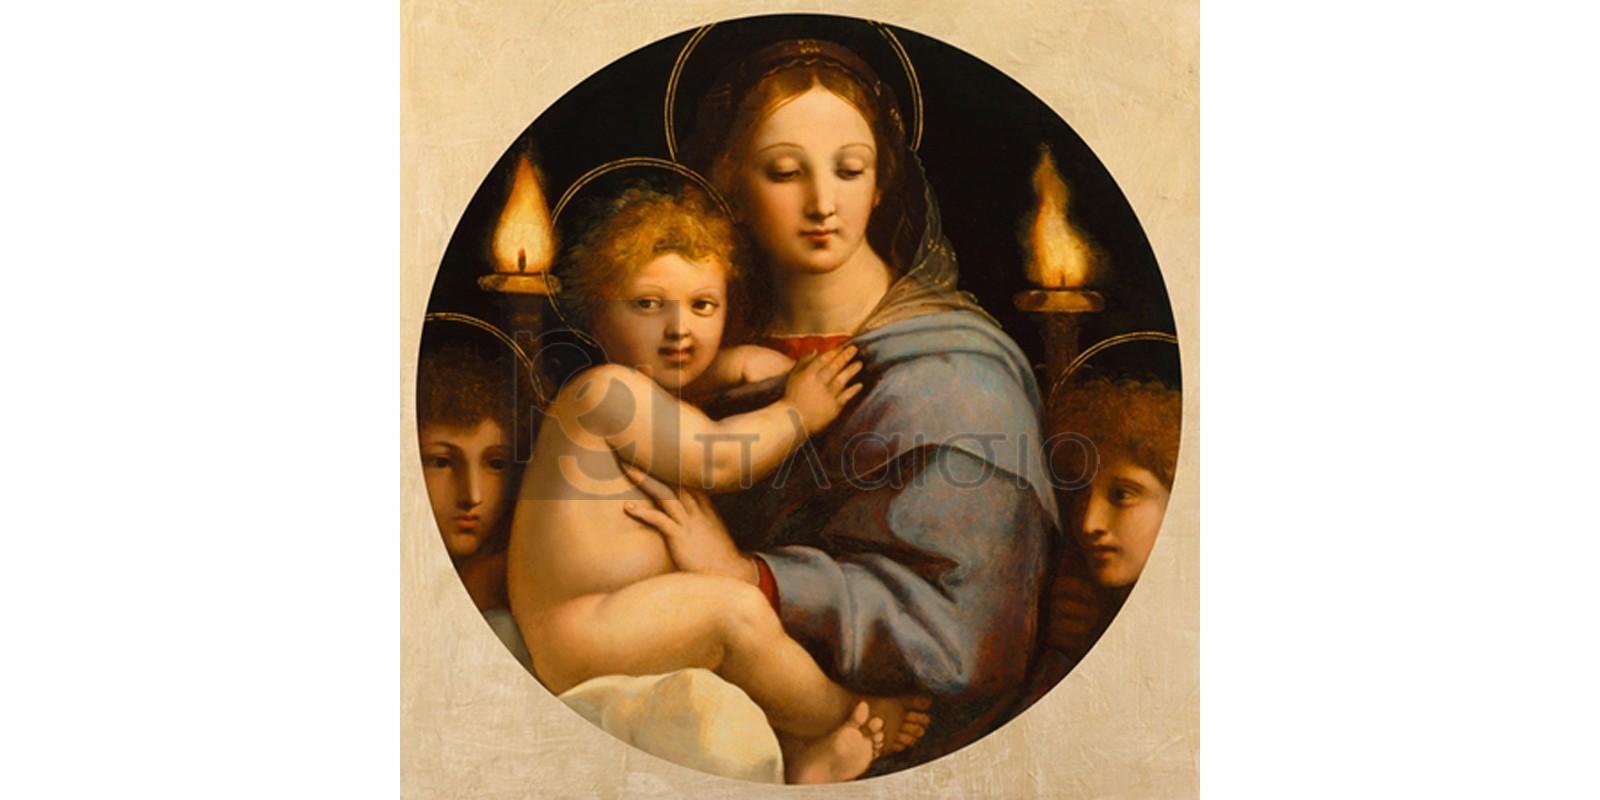 Raffaello - Madonna dei candelabri